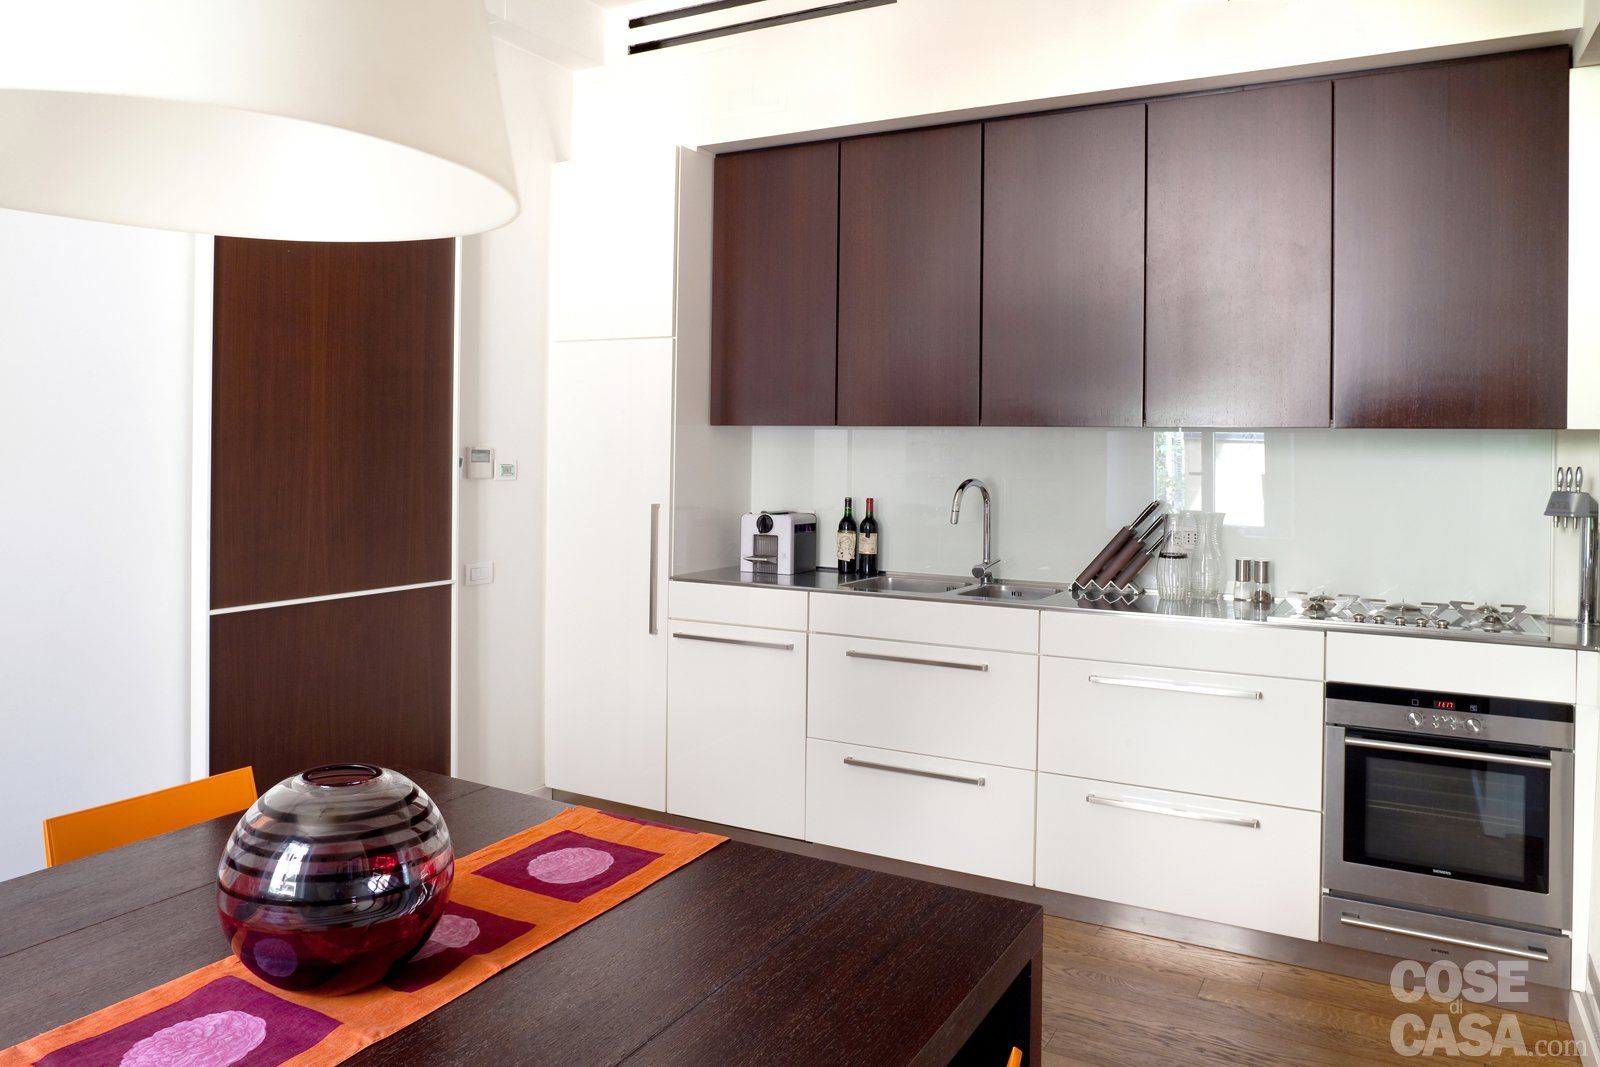 Casabook immobiliare 70 mq casa con veranda - Cucina con soppalco ...